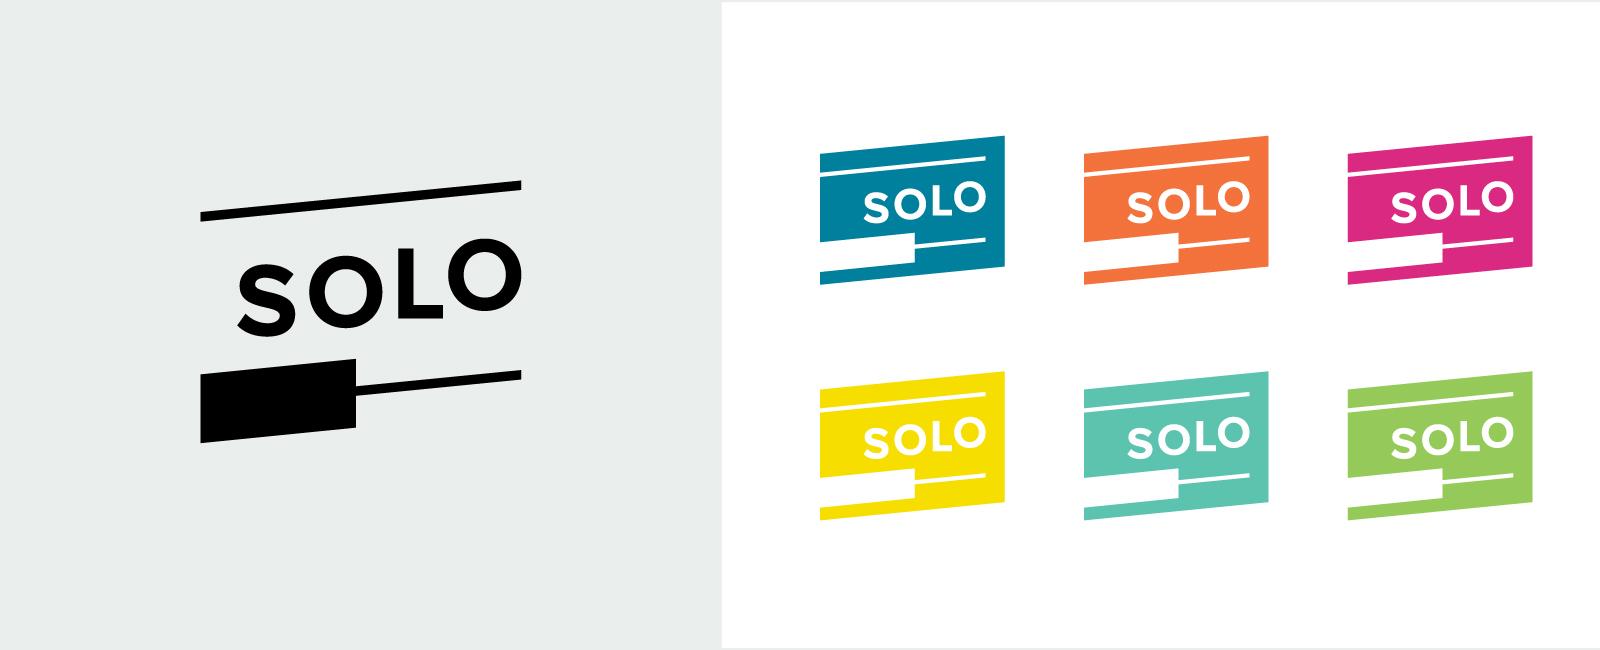 SOLO-Logos.jpg